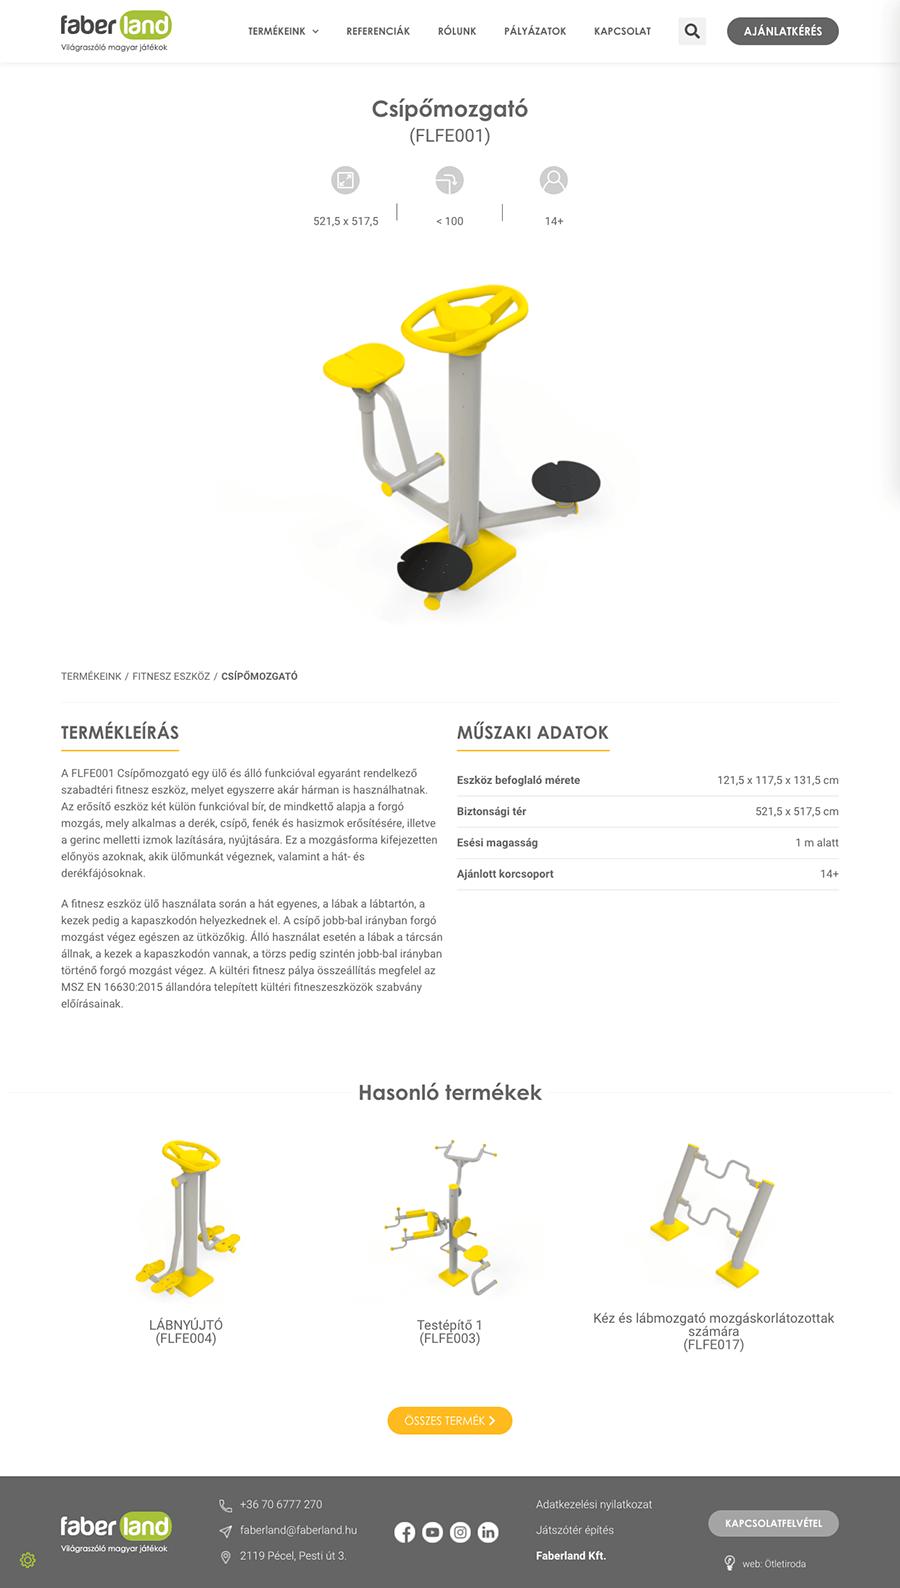 faberland-termkoldal wordpress weboldal építés